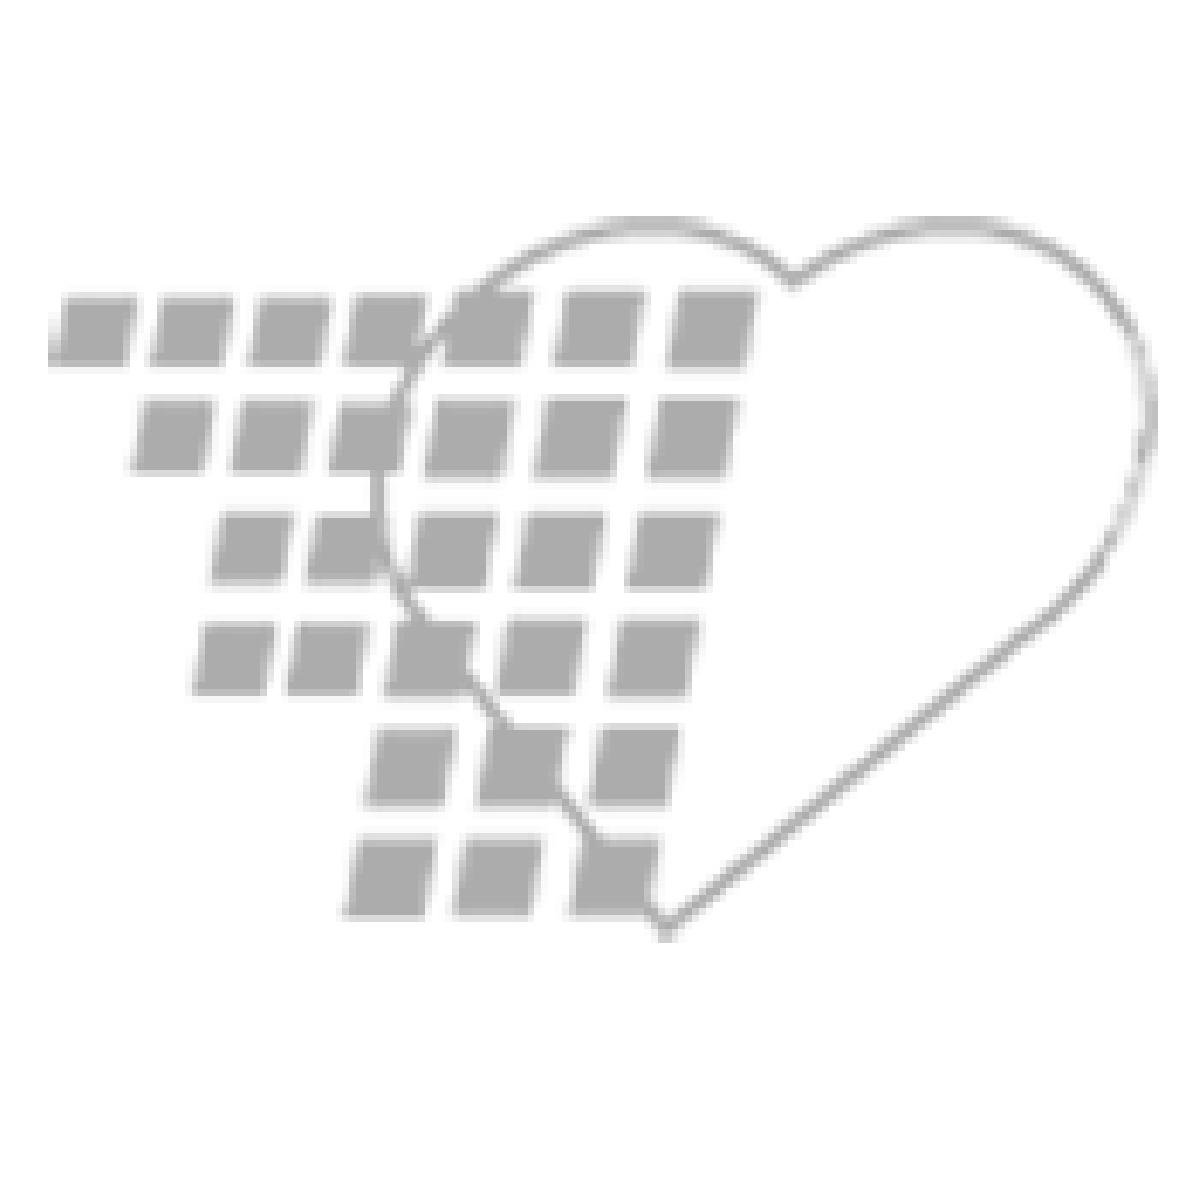 06-93-9005 - Demo Dose® Mefoxn (Cefoxitn) 10 mL 2g/vial